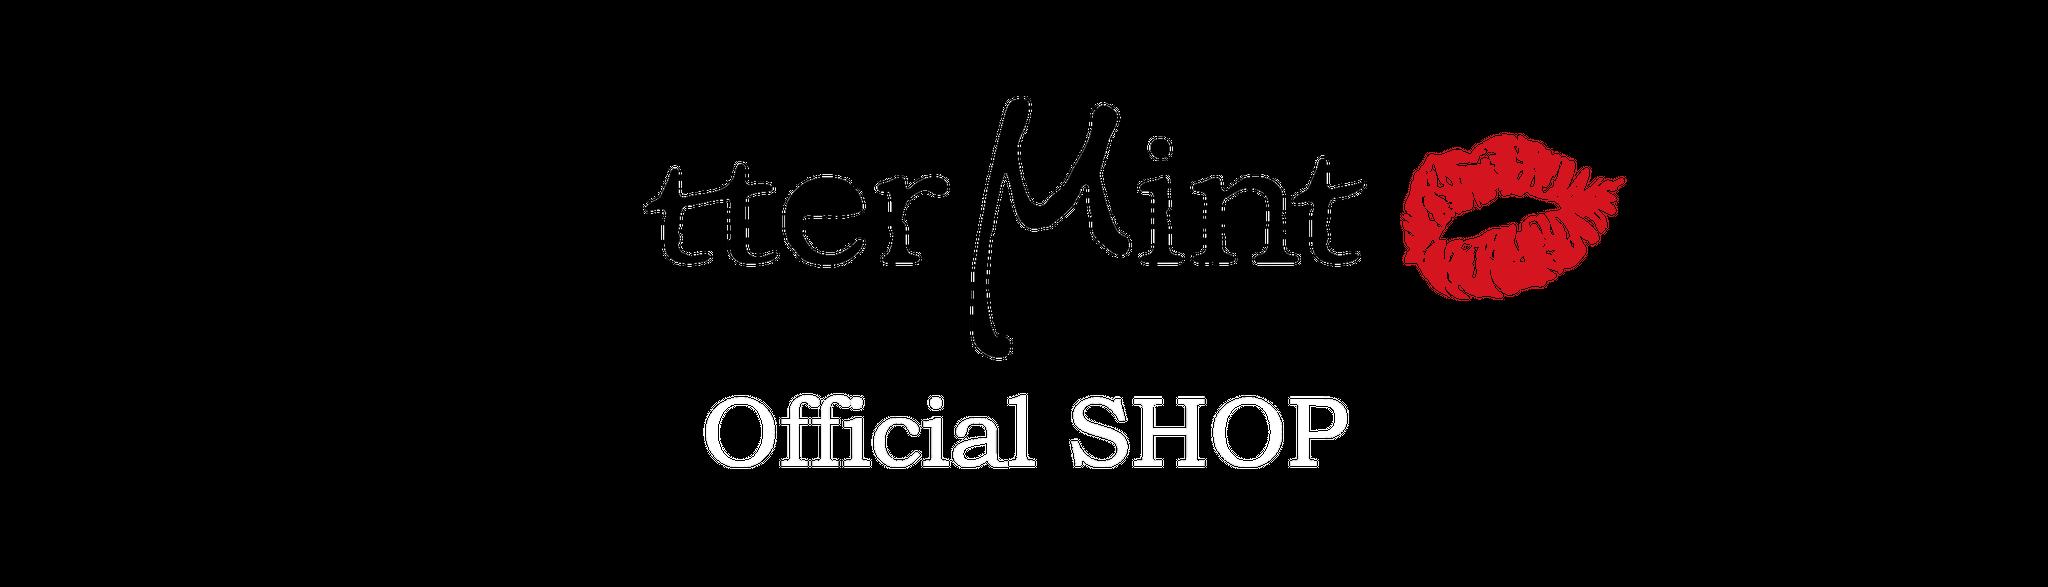 Bitter Mint Official SHOP